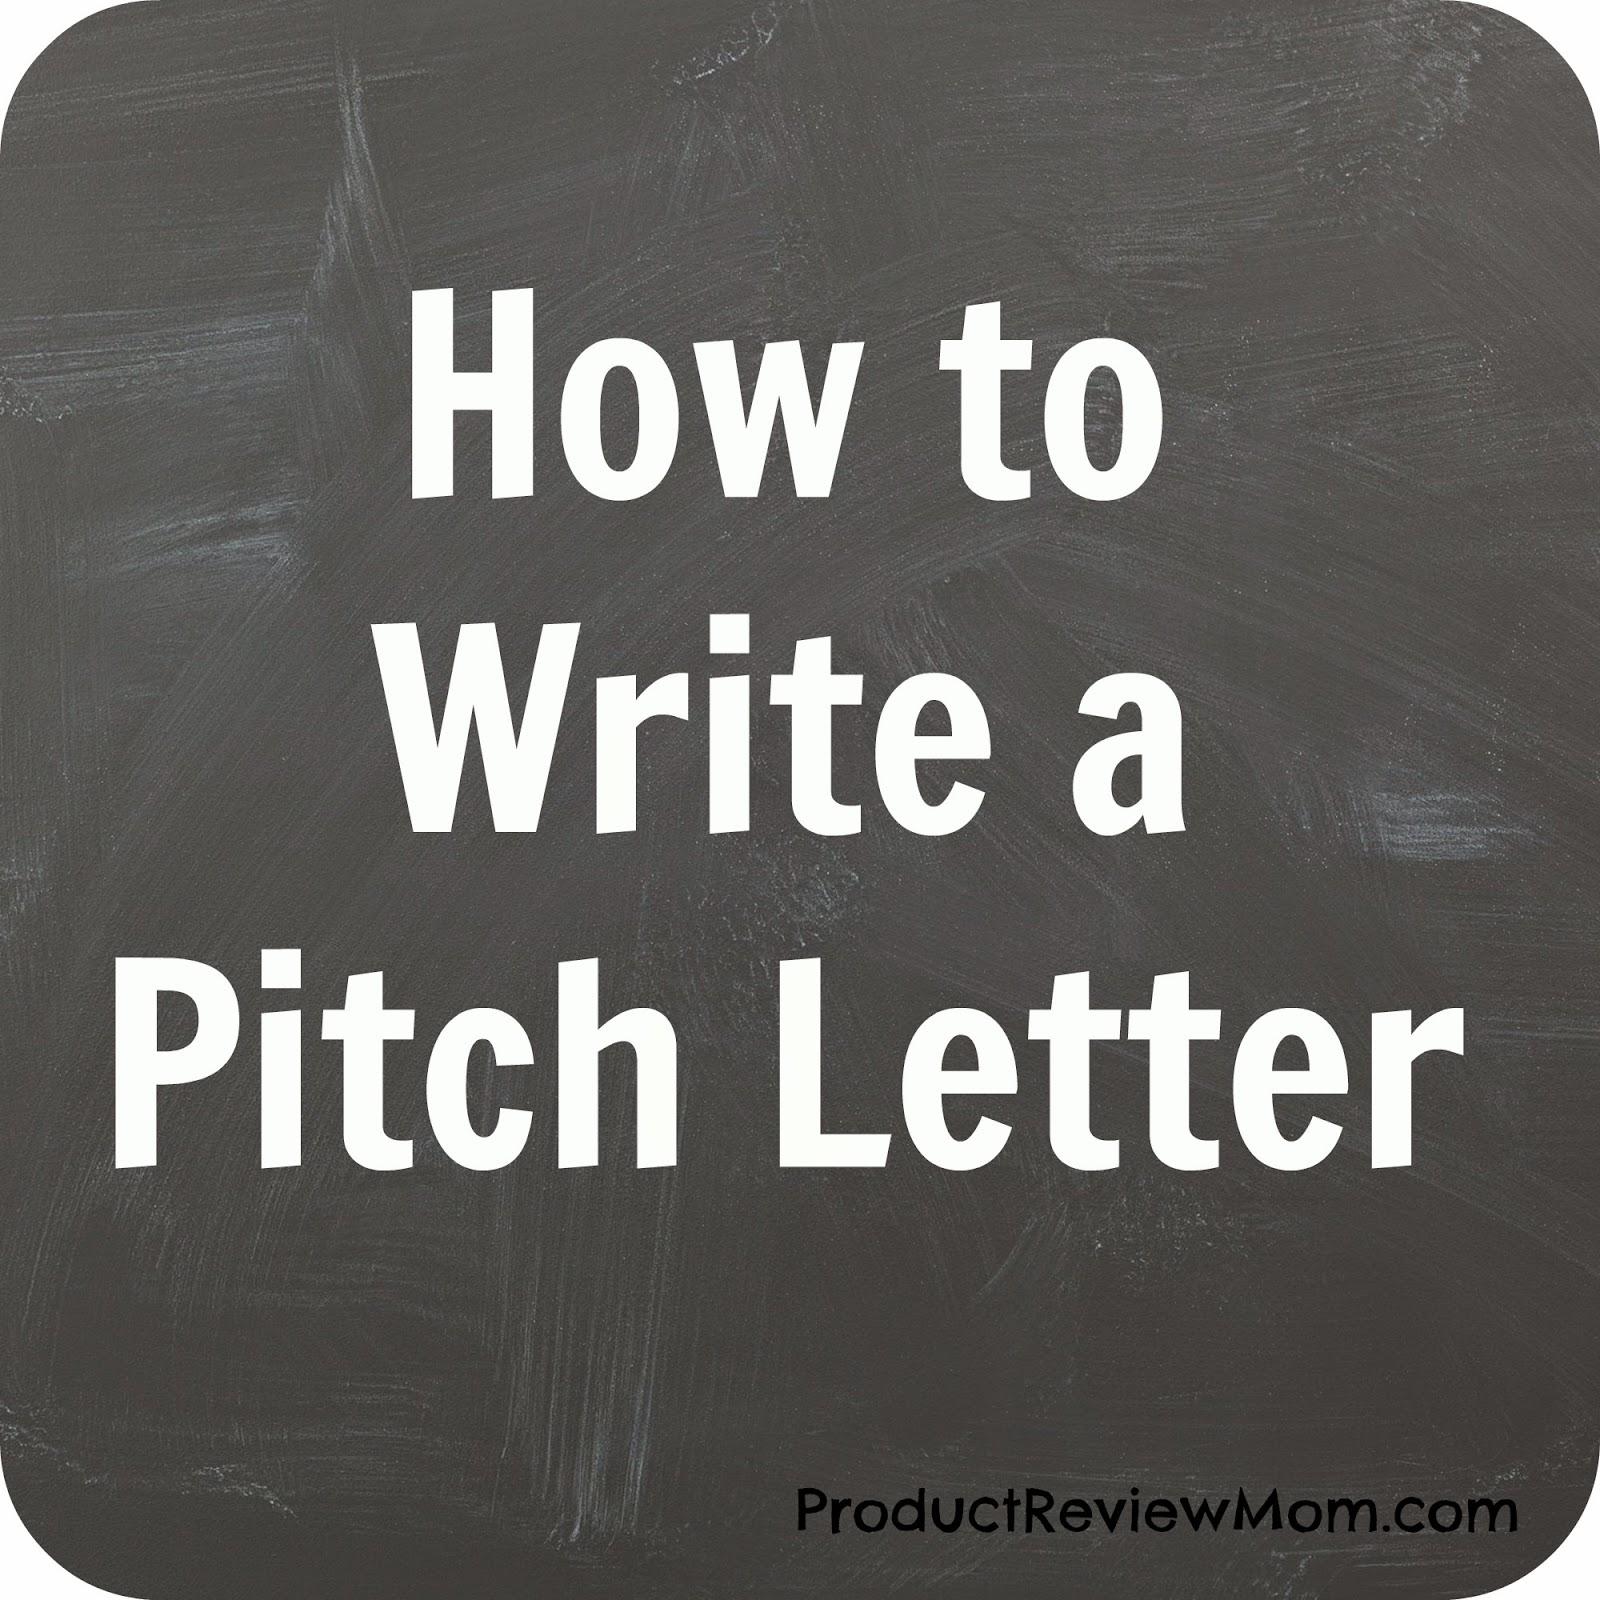 Write a pitch